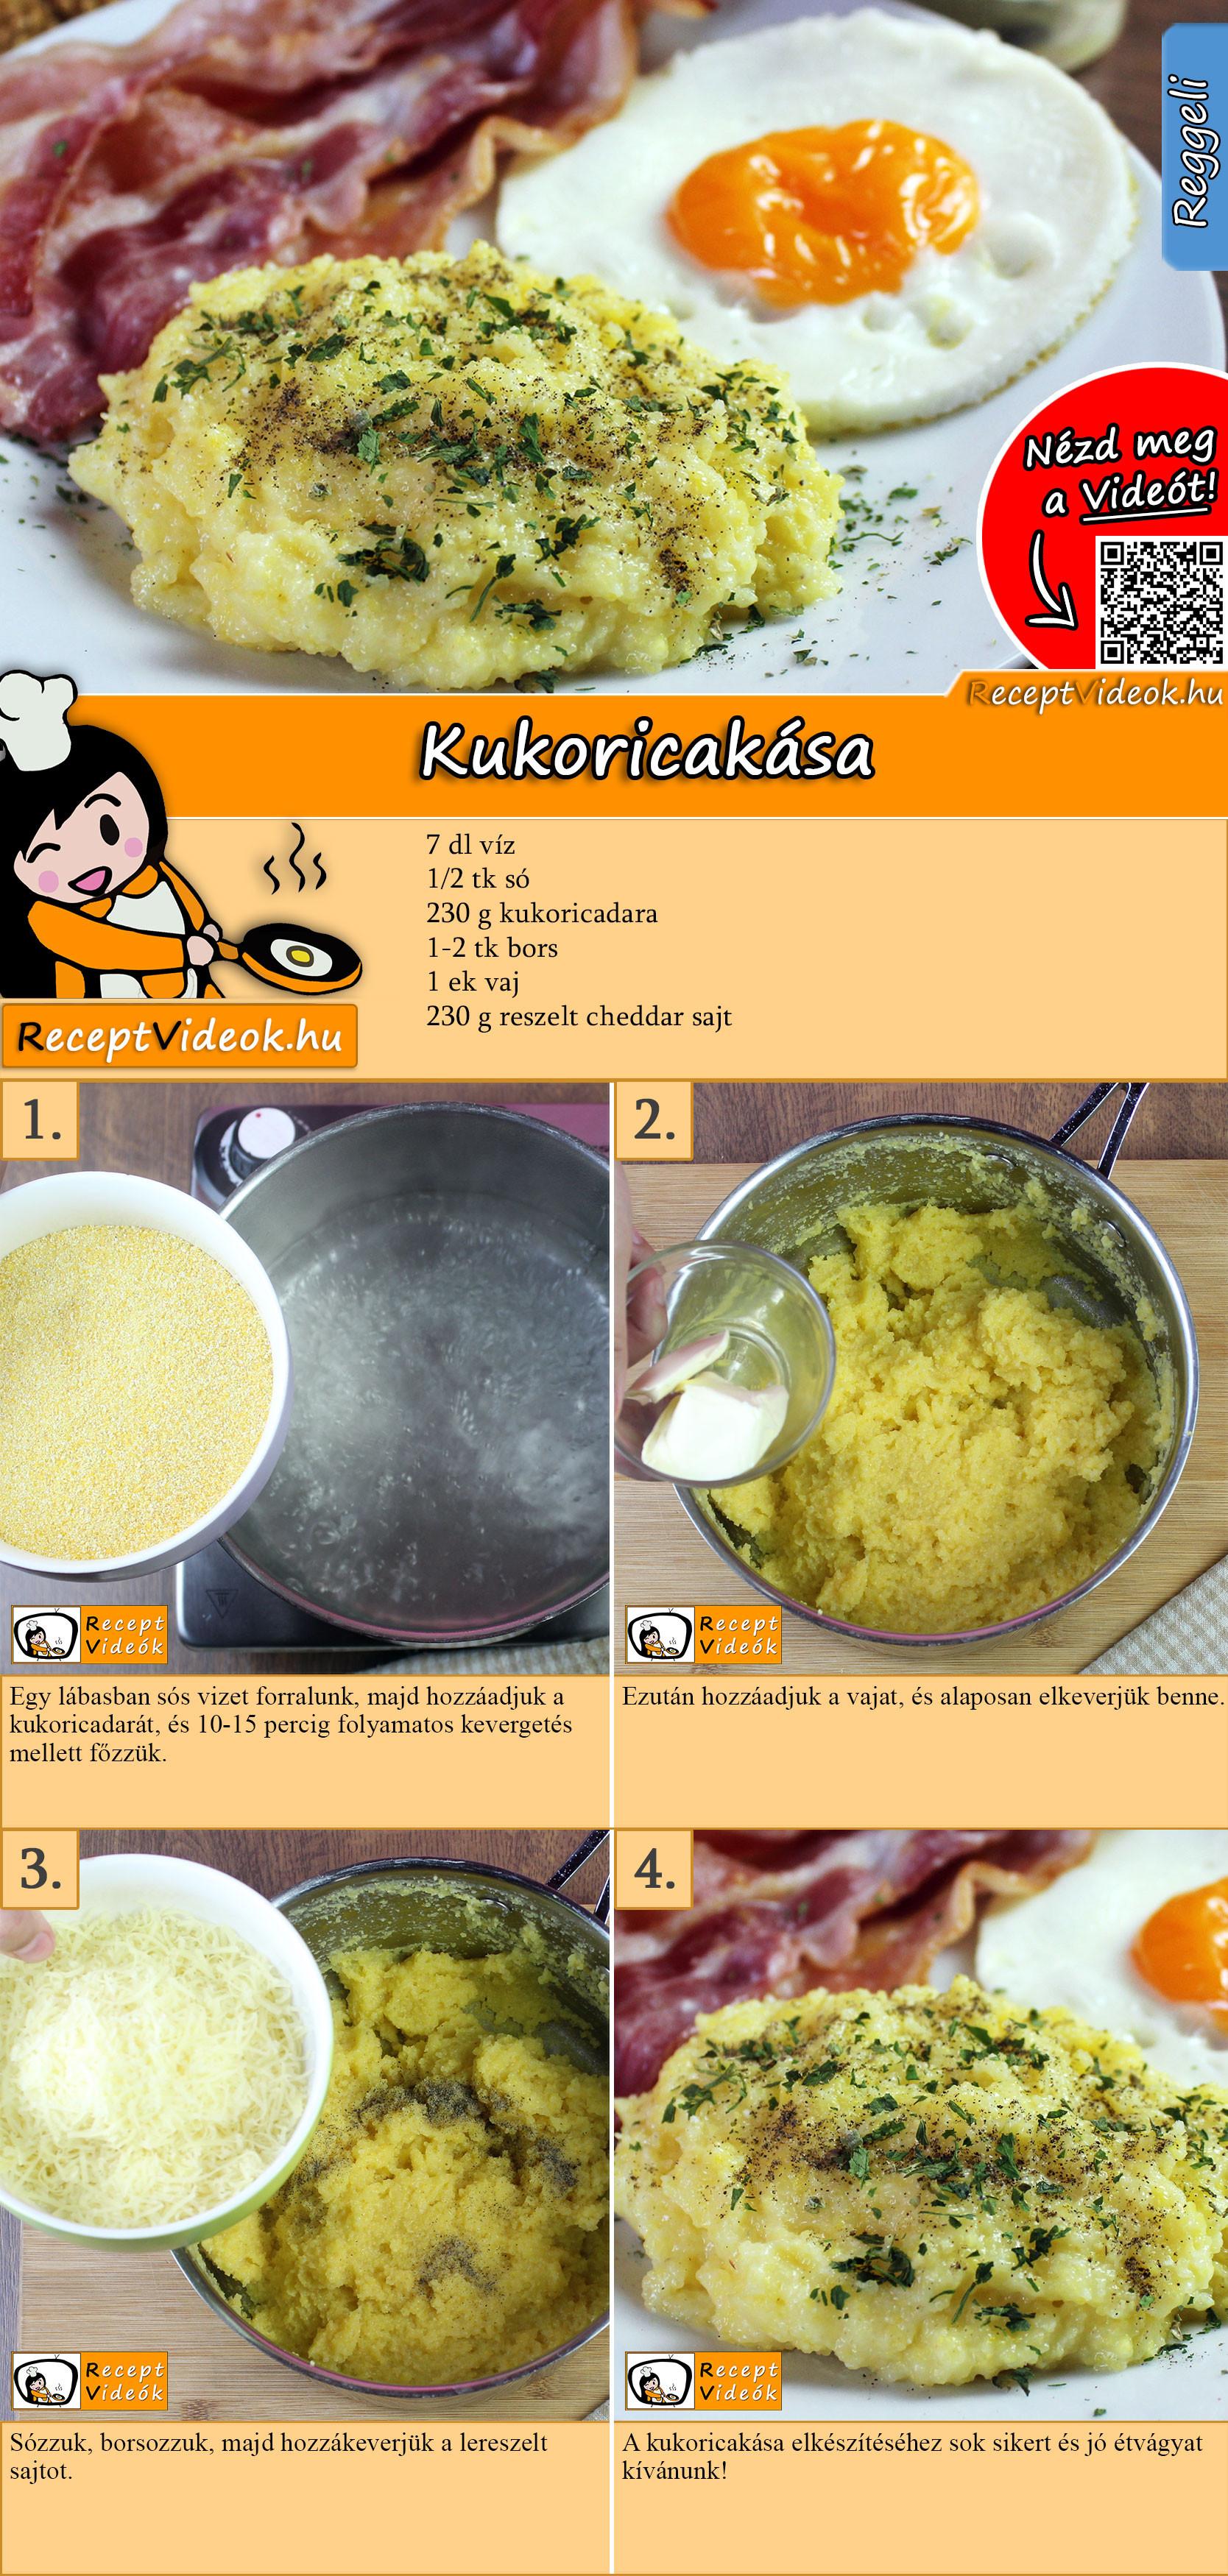 Kukoricakása recept elkészítése videóval